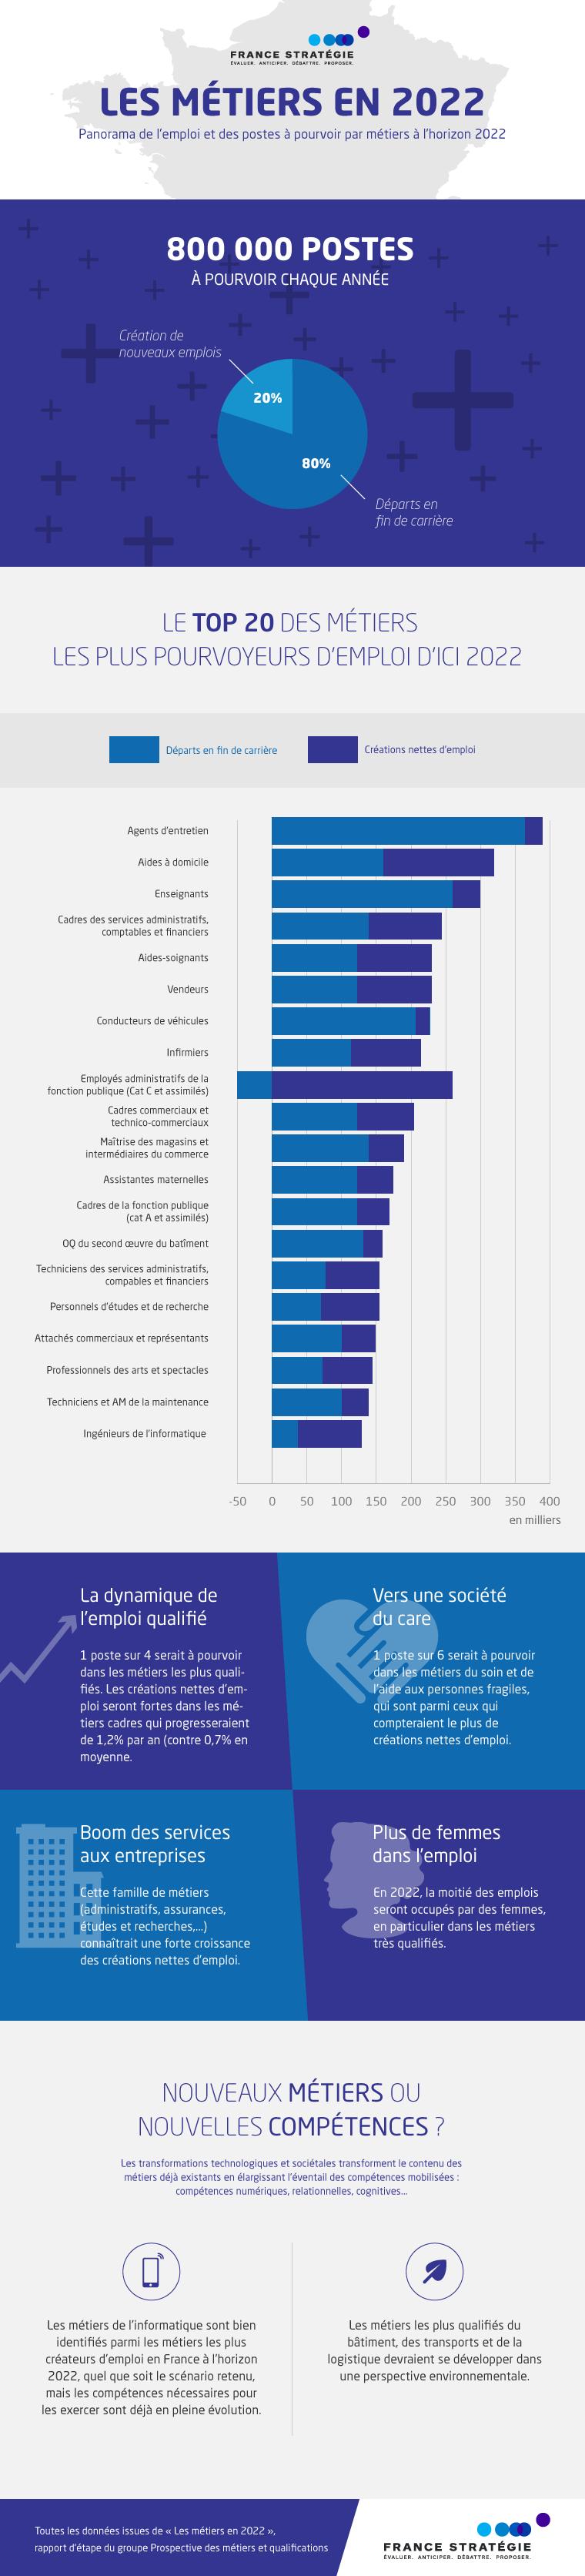 Infographie - Les métiers en 2022